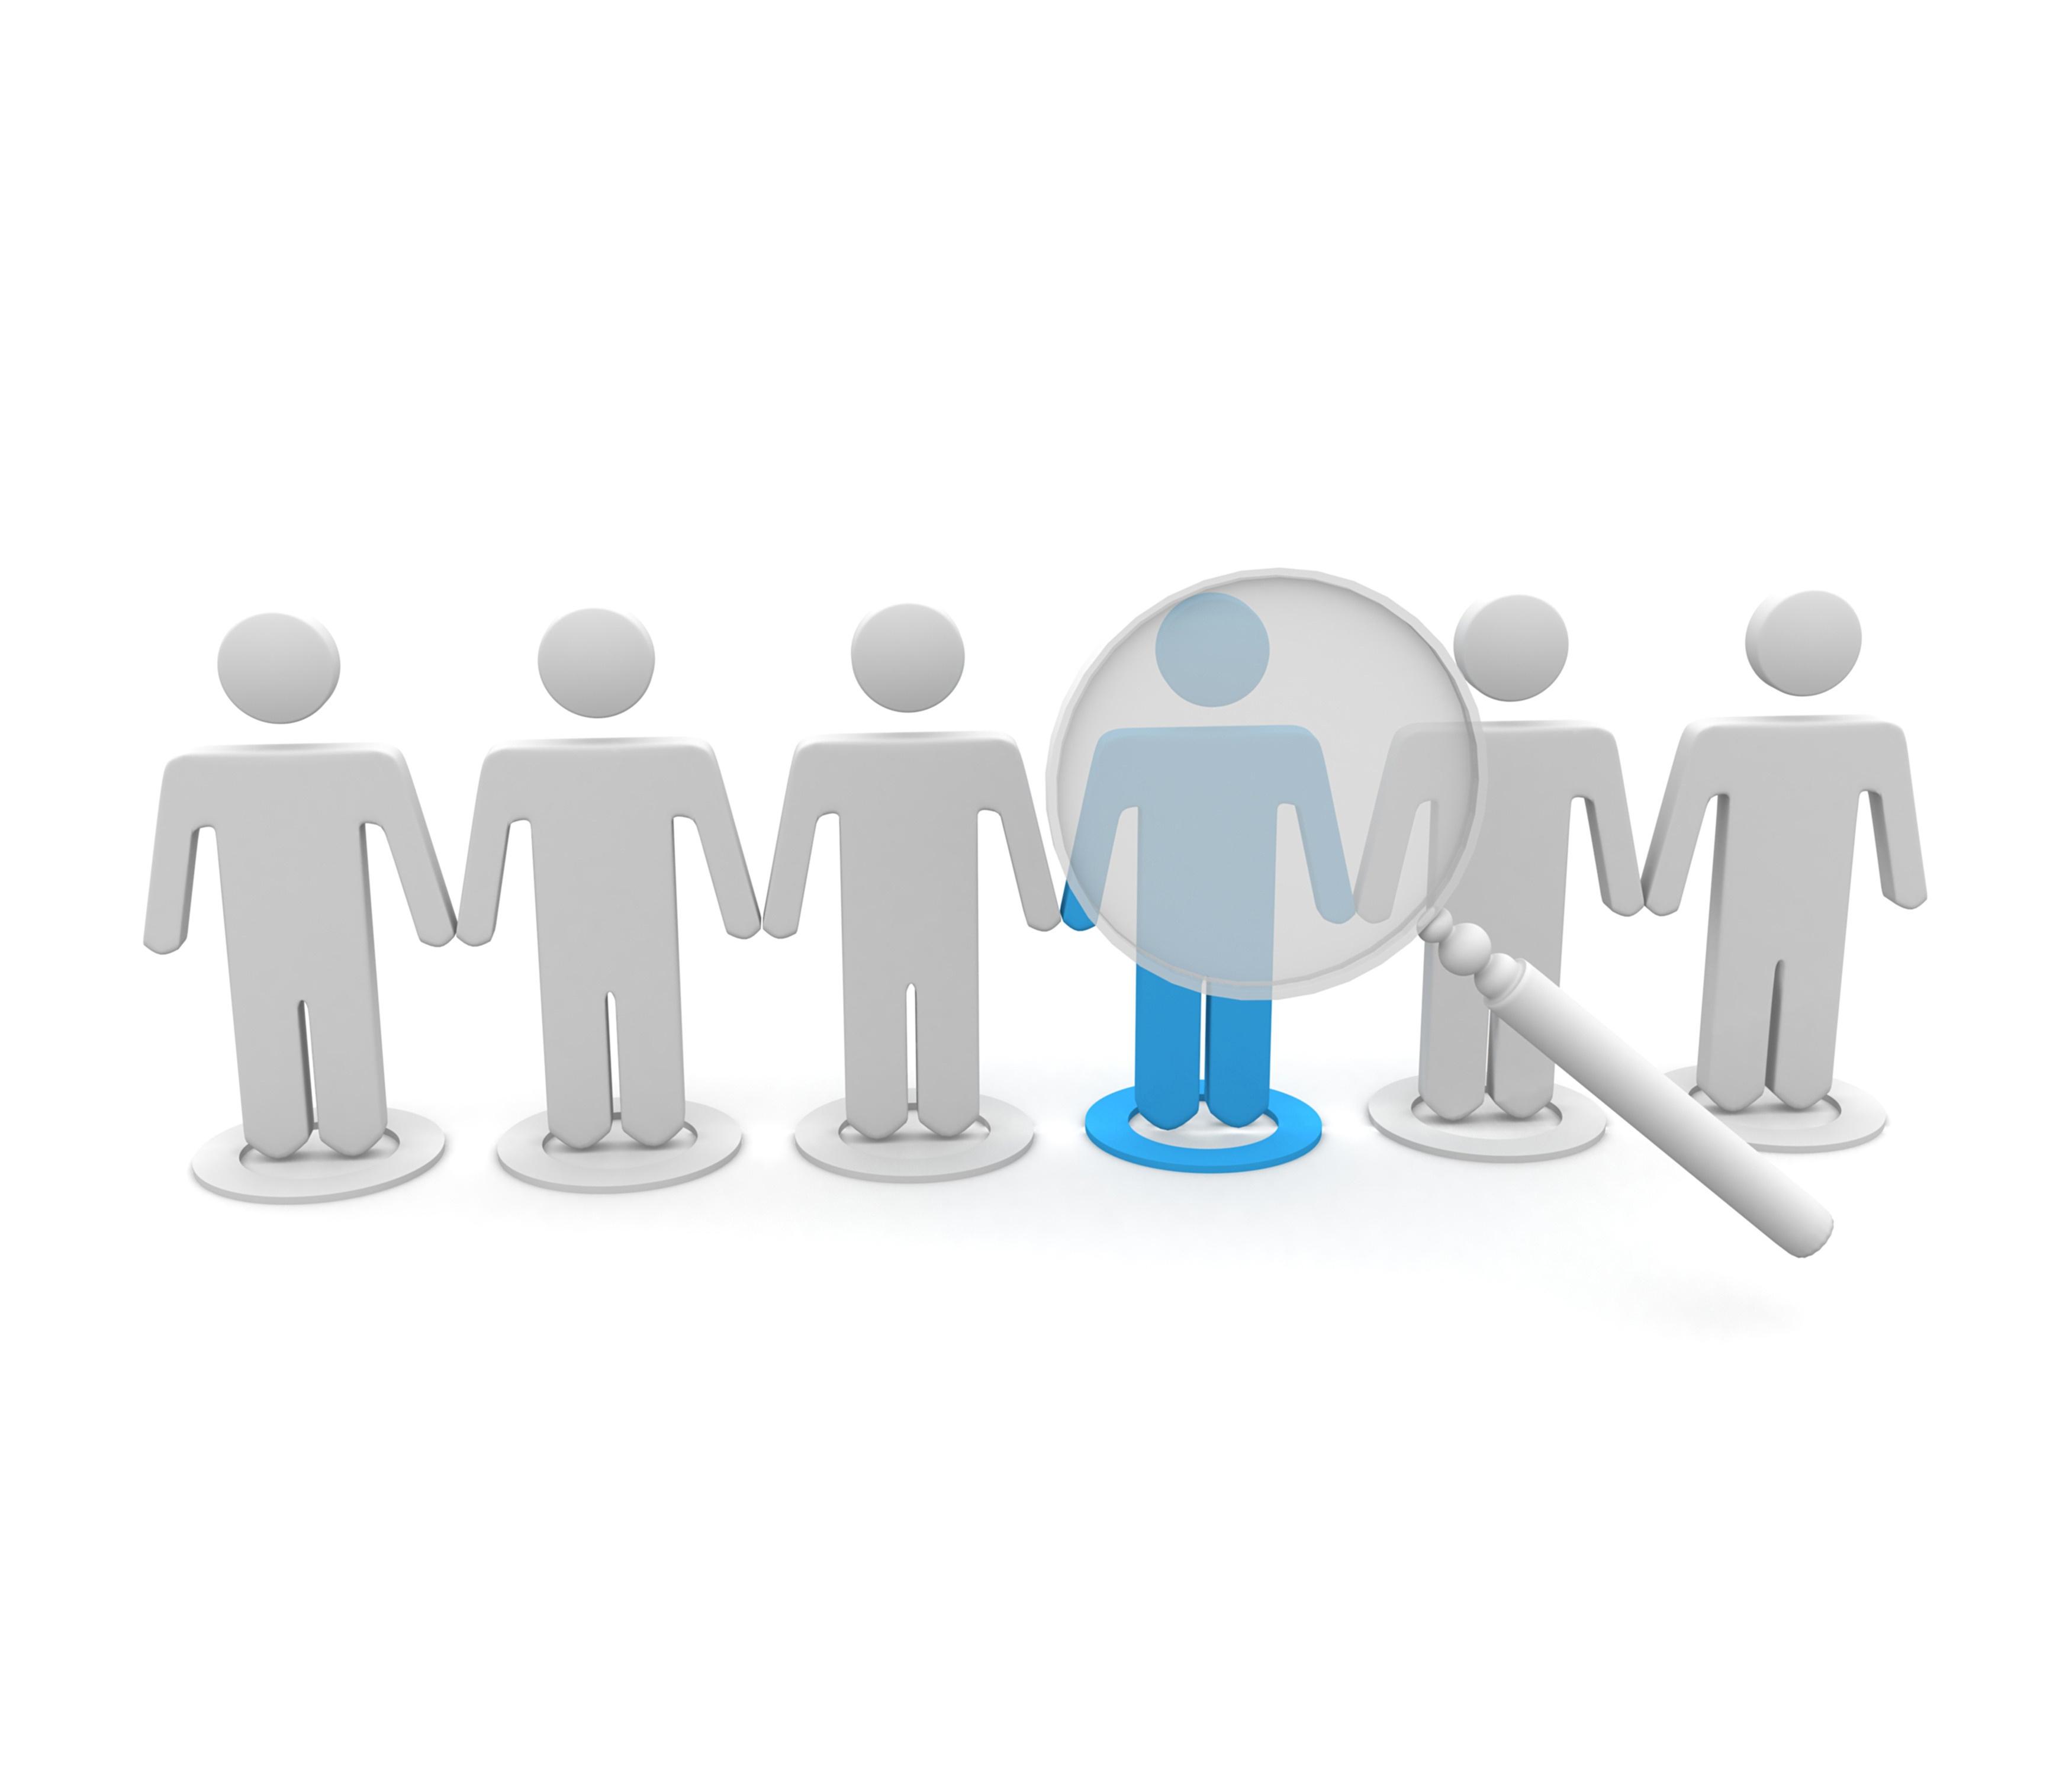 3d_people_in_a_row.jpg